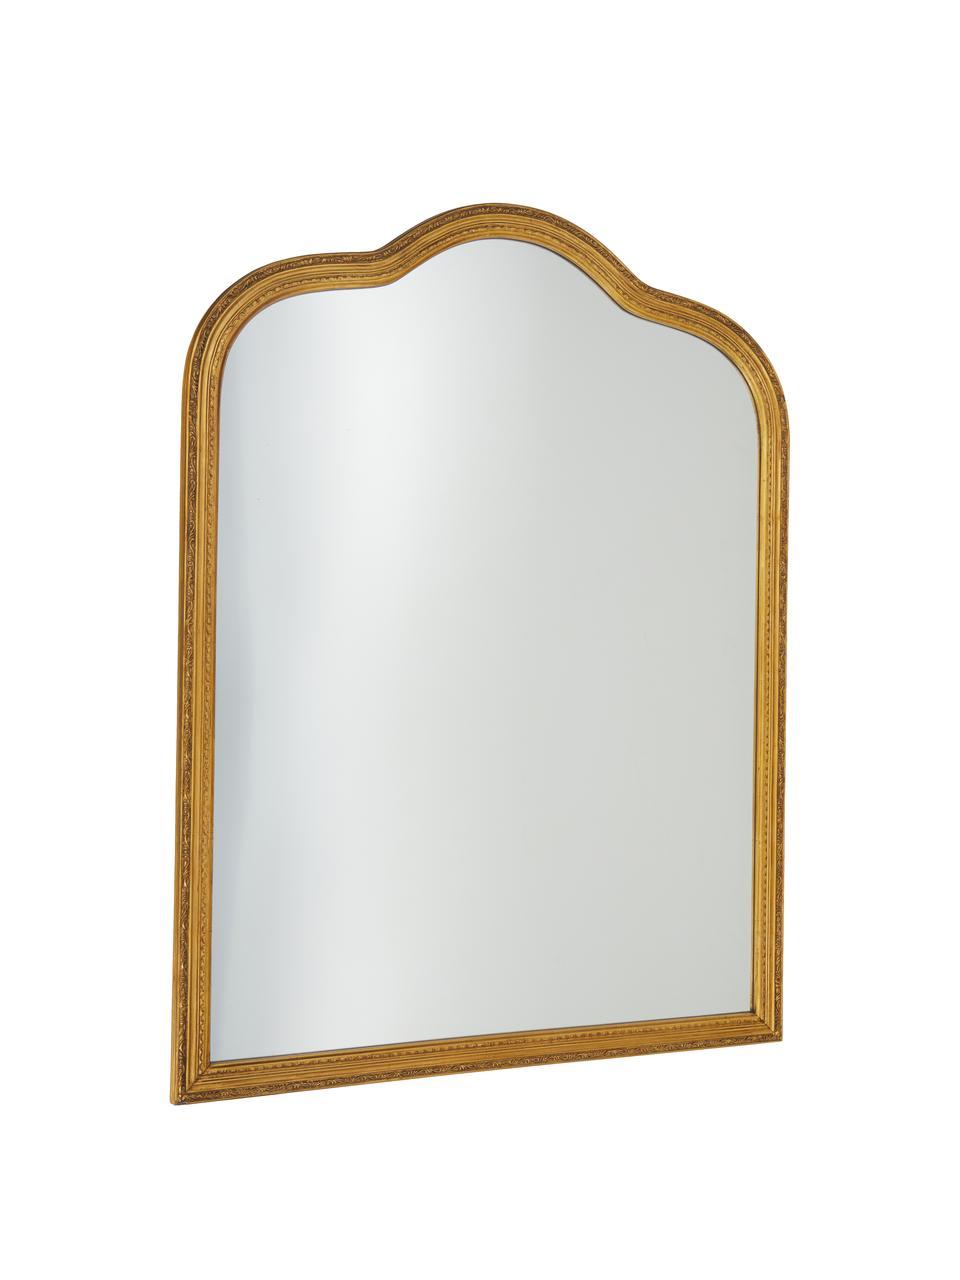 Barock-Wandspiegel Muriel, Rahmen: Massivholz mit Goldfolie , Spiegelfläche: Spiegelglas, Rückseite: Metall, Mitteldichte Holz, Gold, 90 x 120 cm